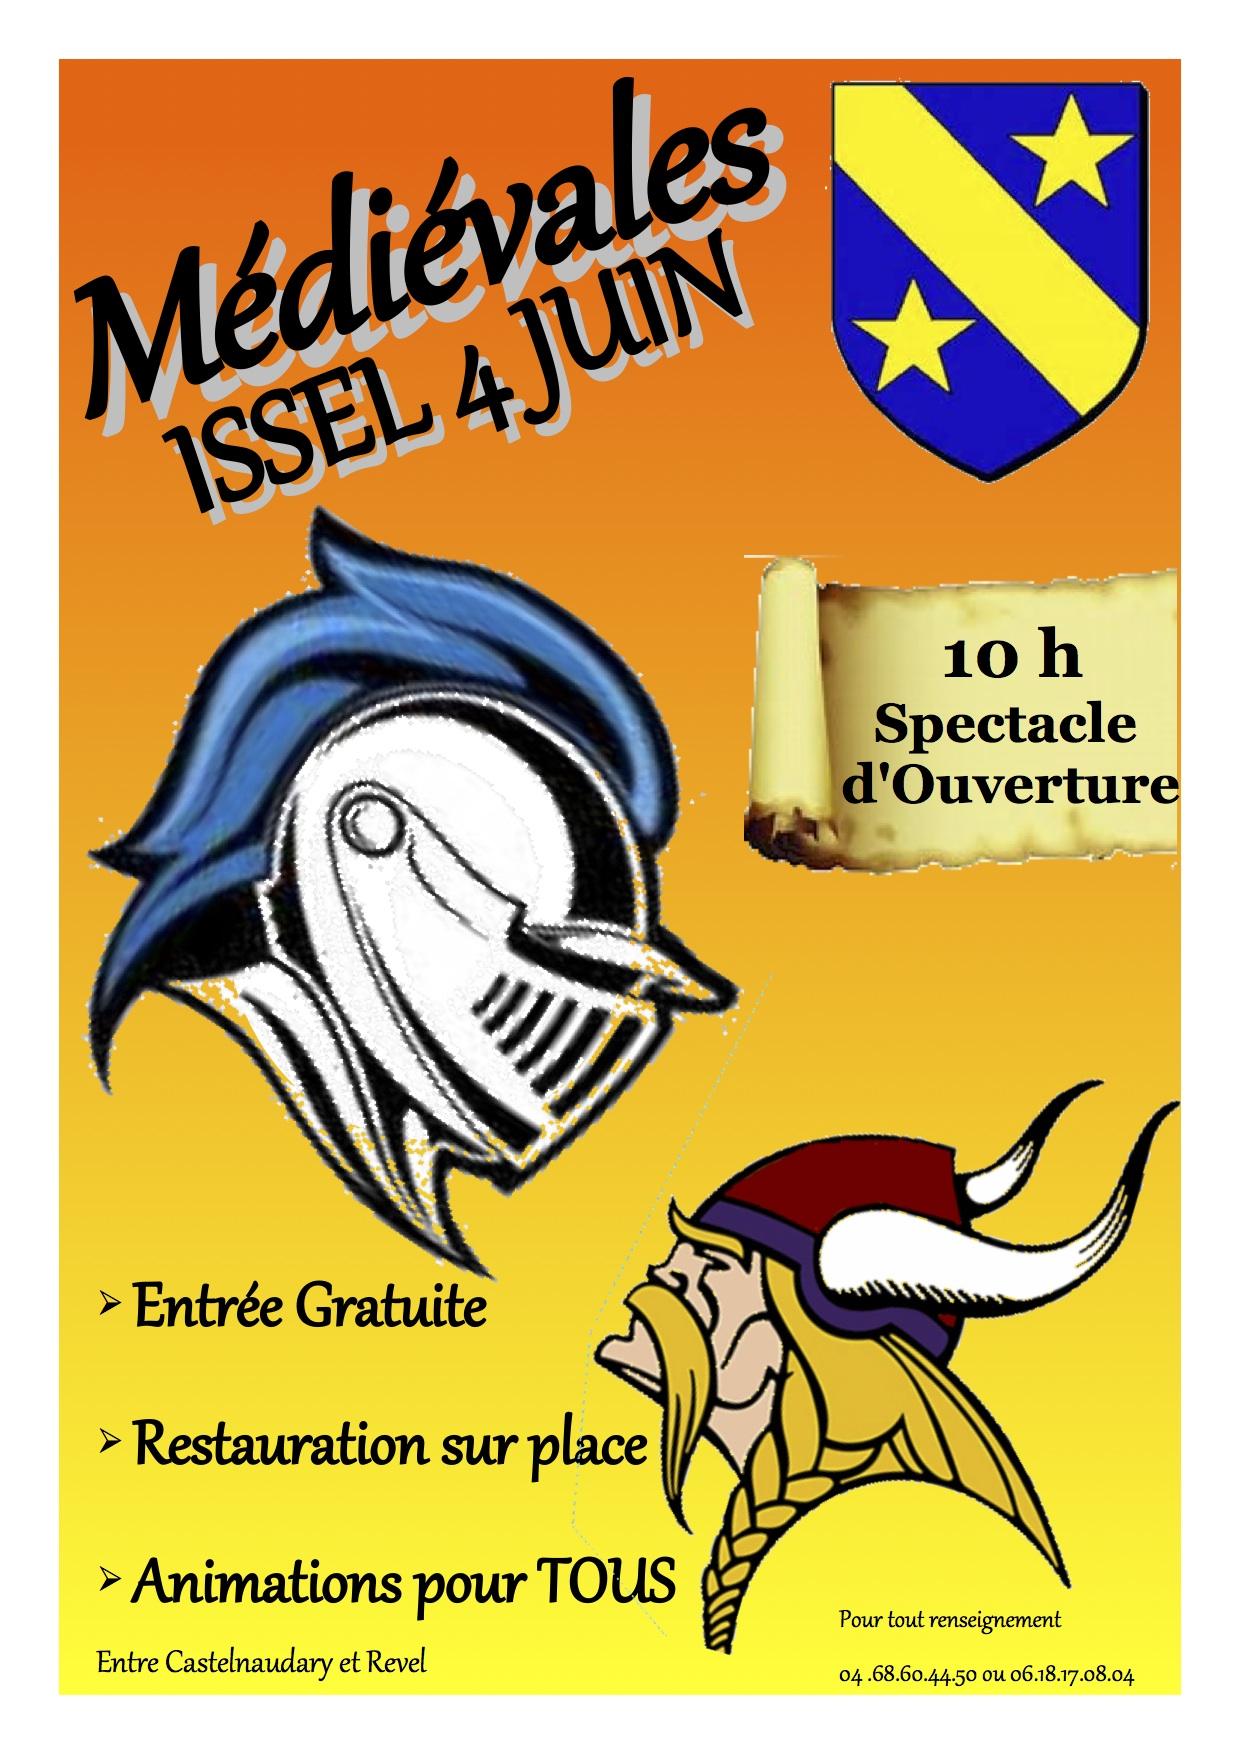 Affiche medievales 2017